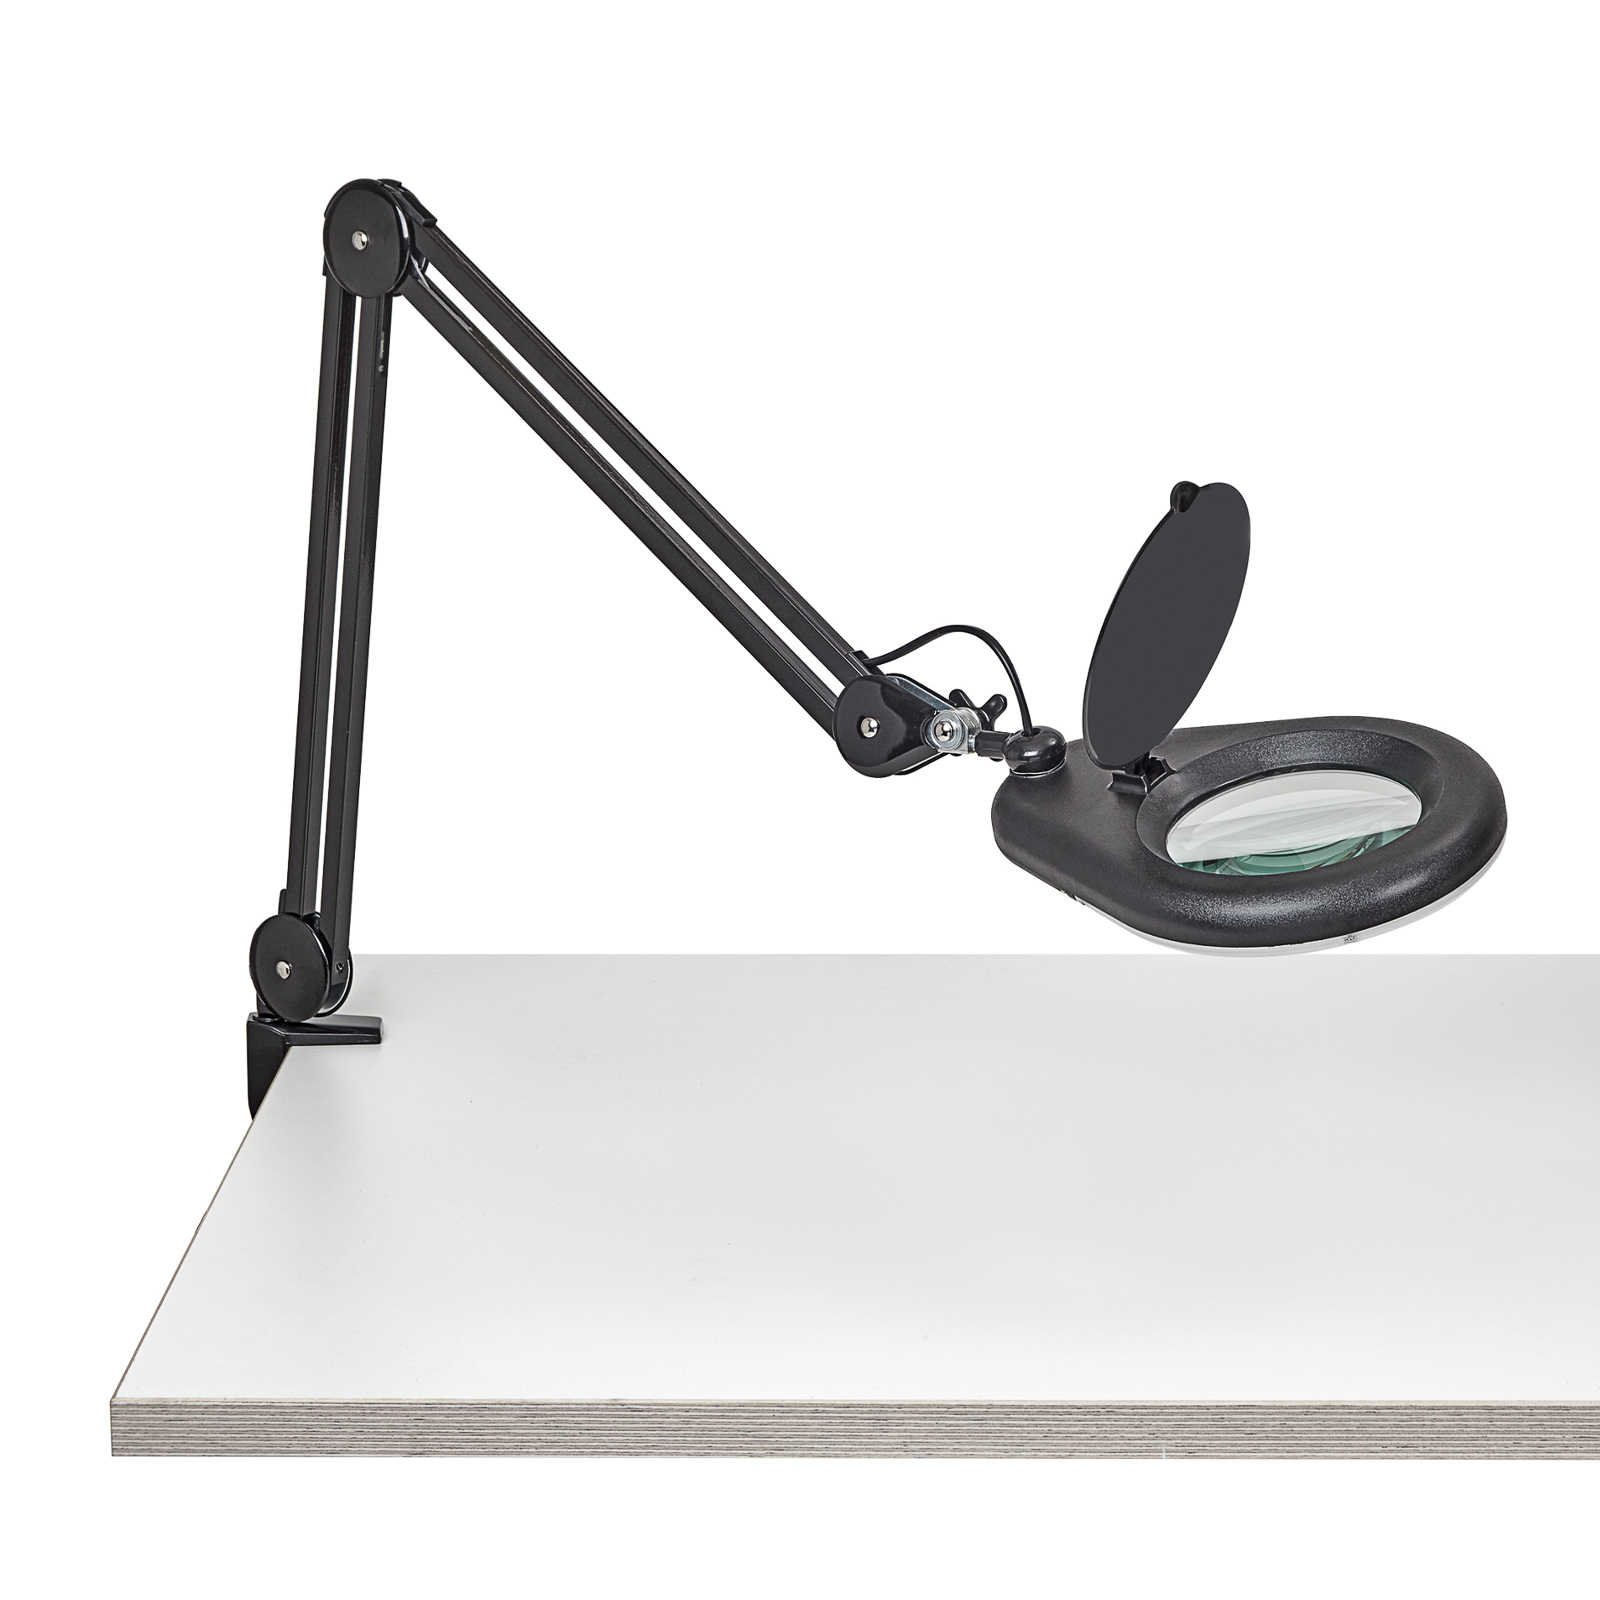 LED-lupplampa MAULviso med klämma, svart